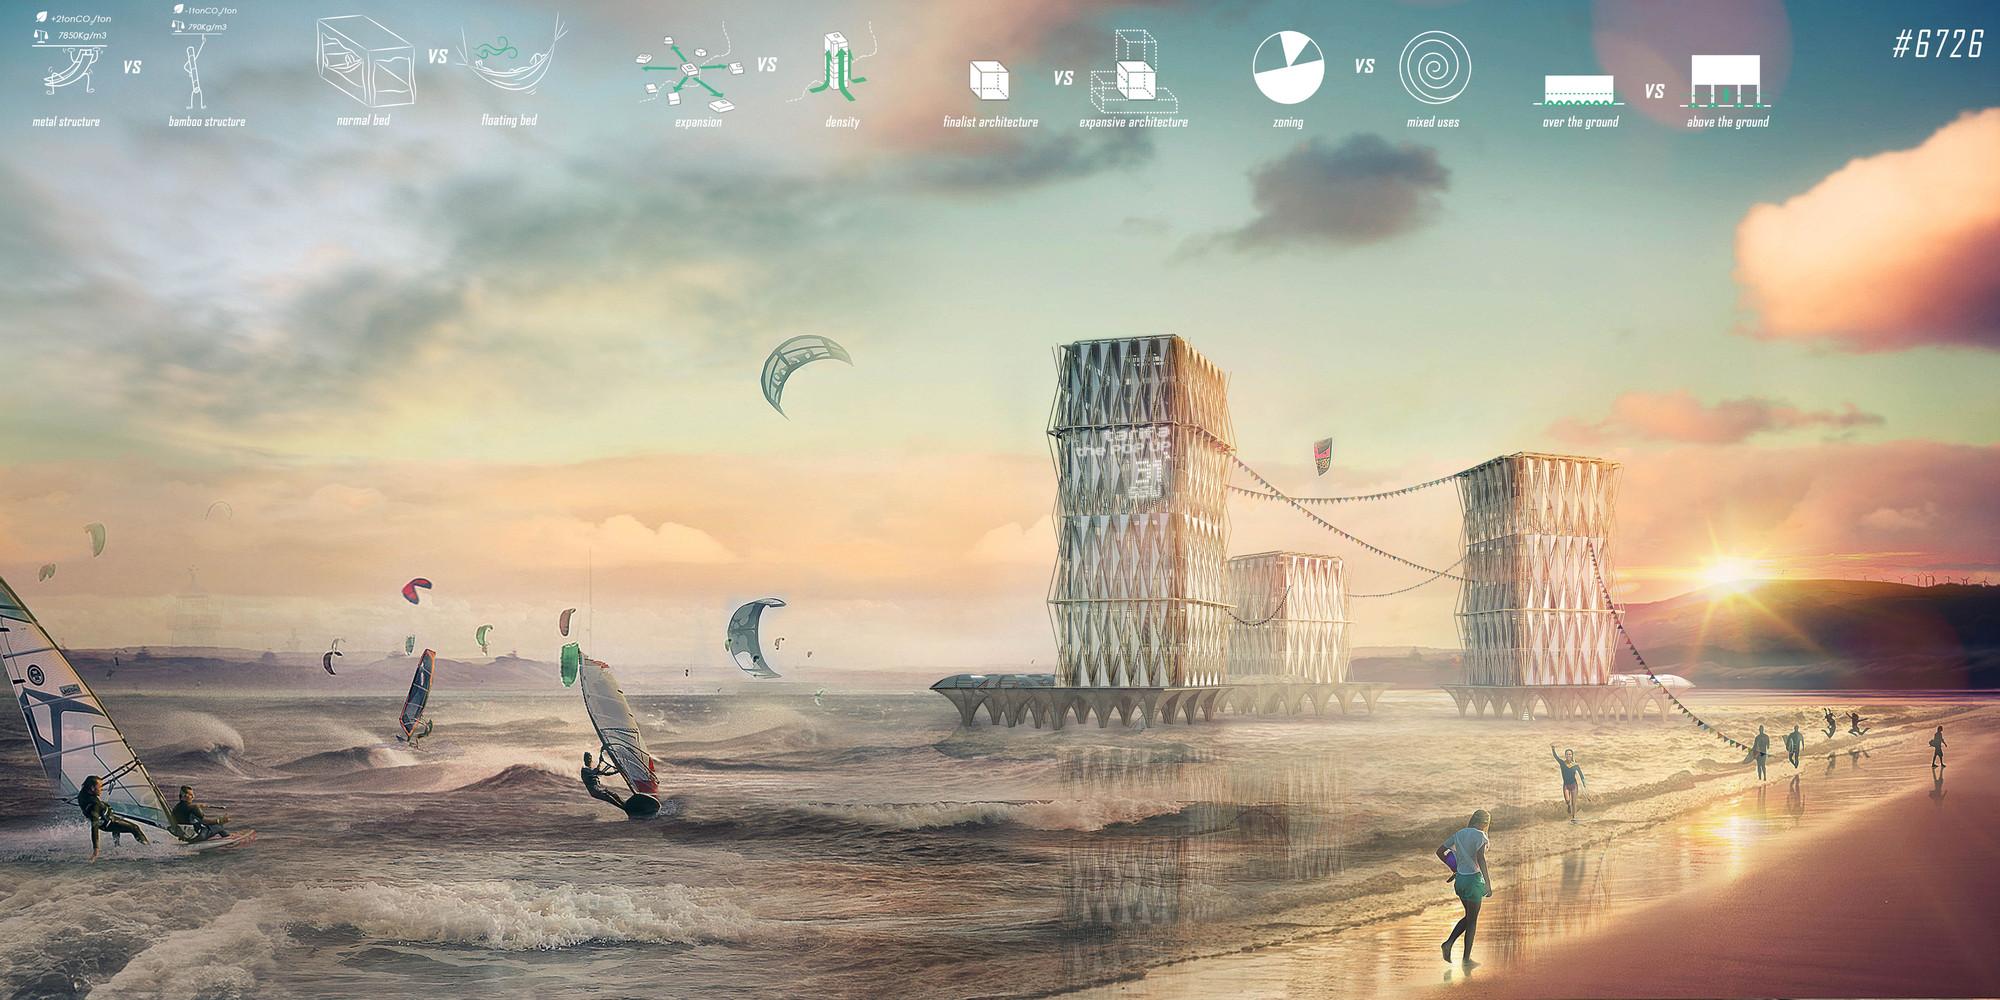 Proyectos de España, Austria y Alemania, premiados por diseños de vivienda temporal para surfistas, Primer Lugar. Image Cortesia de reTHINKING competitions